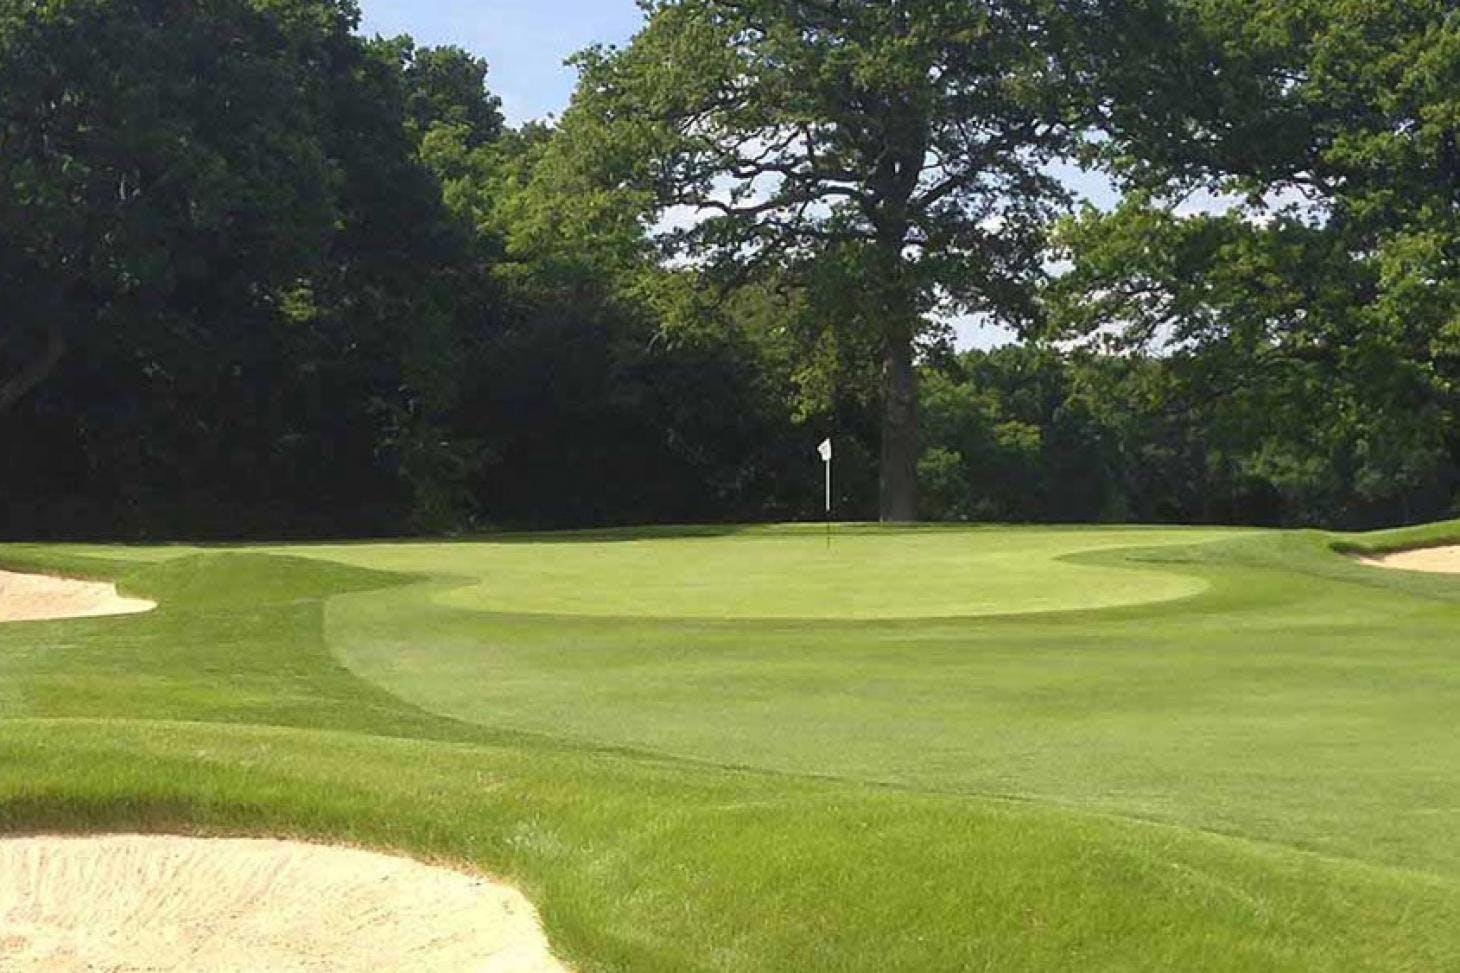 Northwood Golf Club 18 hole golf course